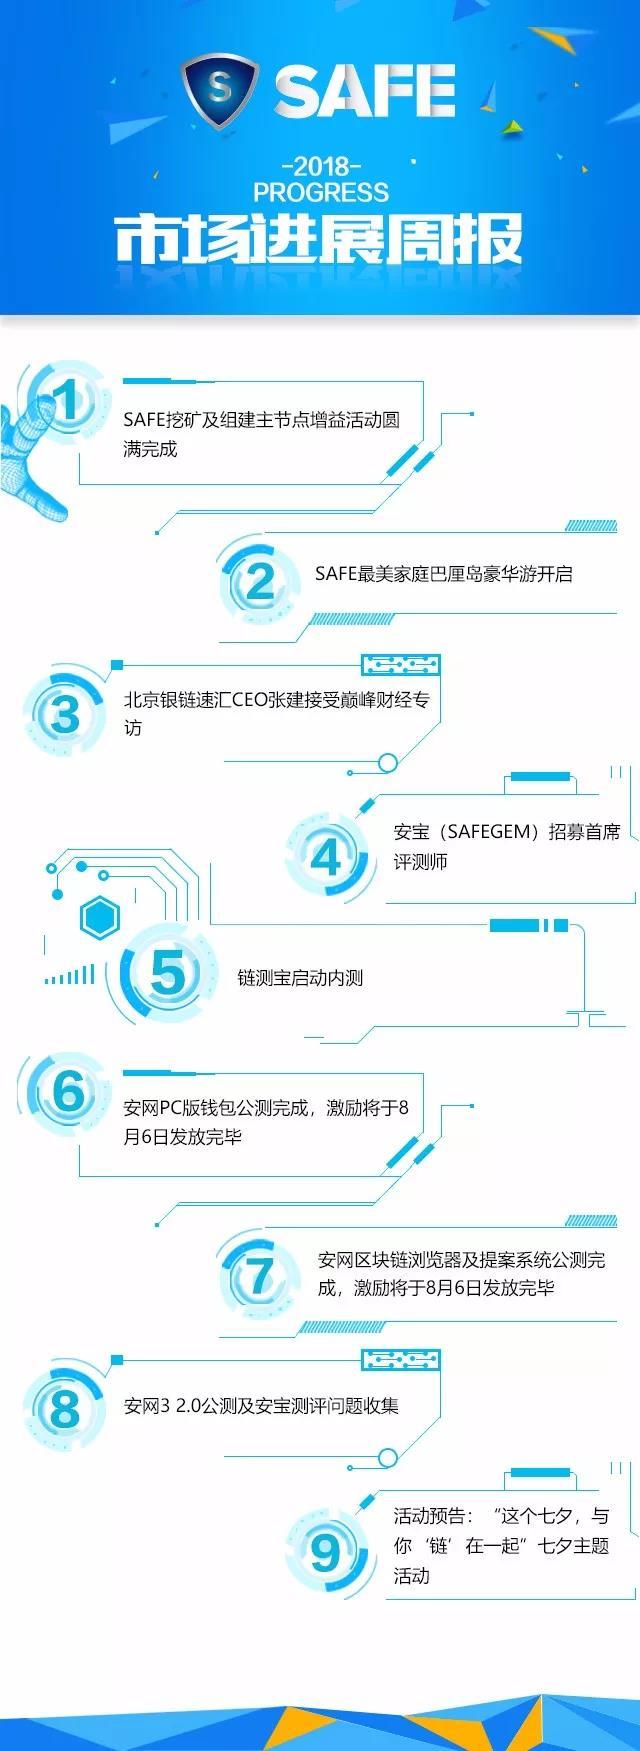 安网3(SAFE)项目进展(第26期)